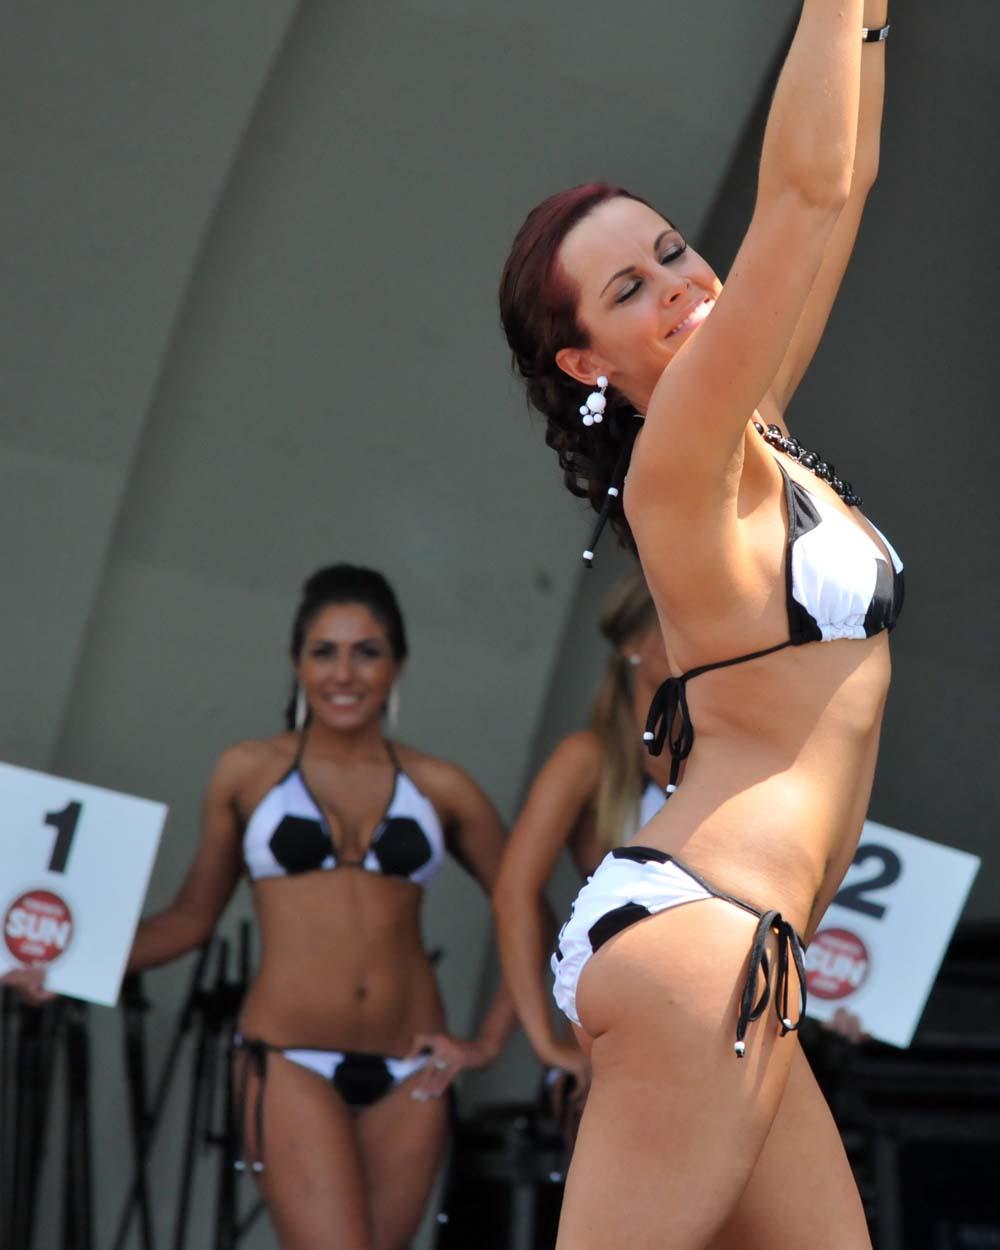 Girl dancing in a thong